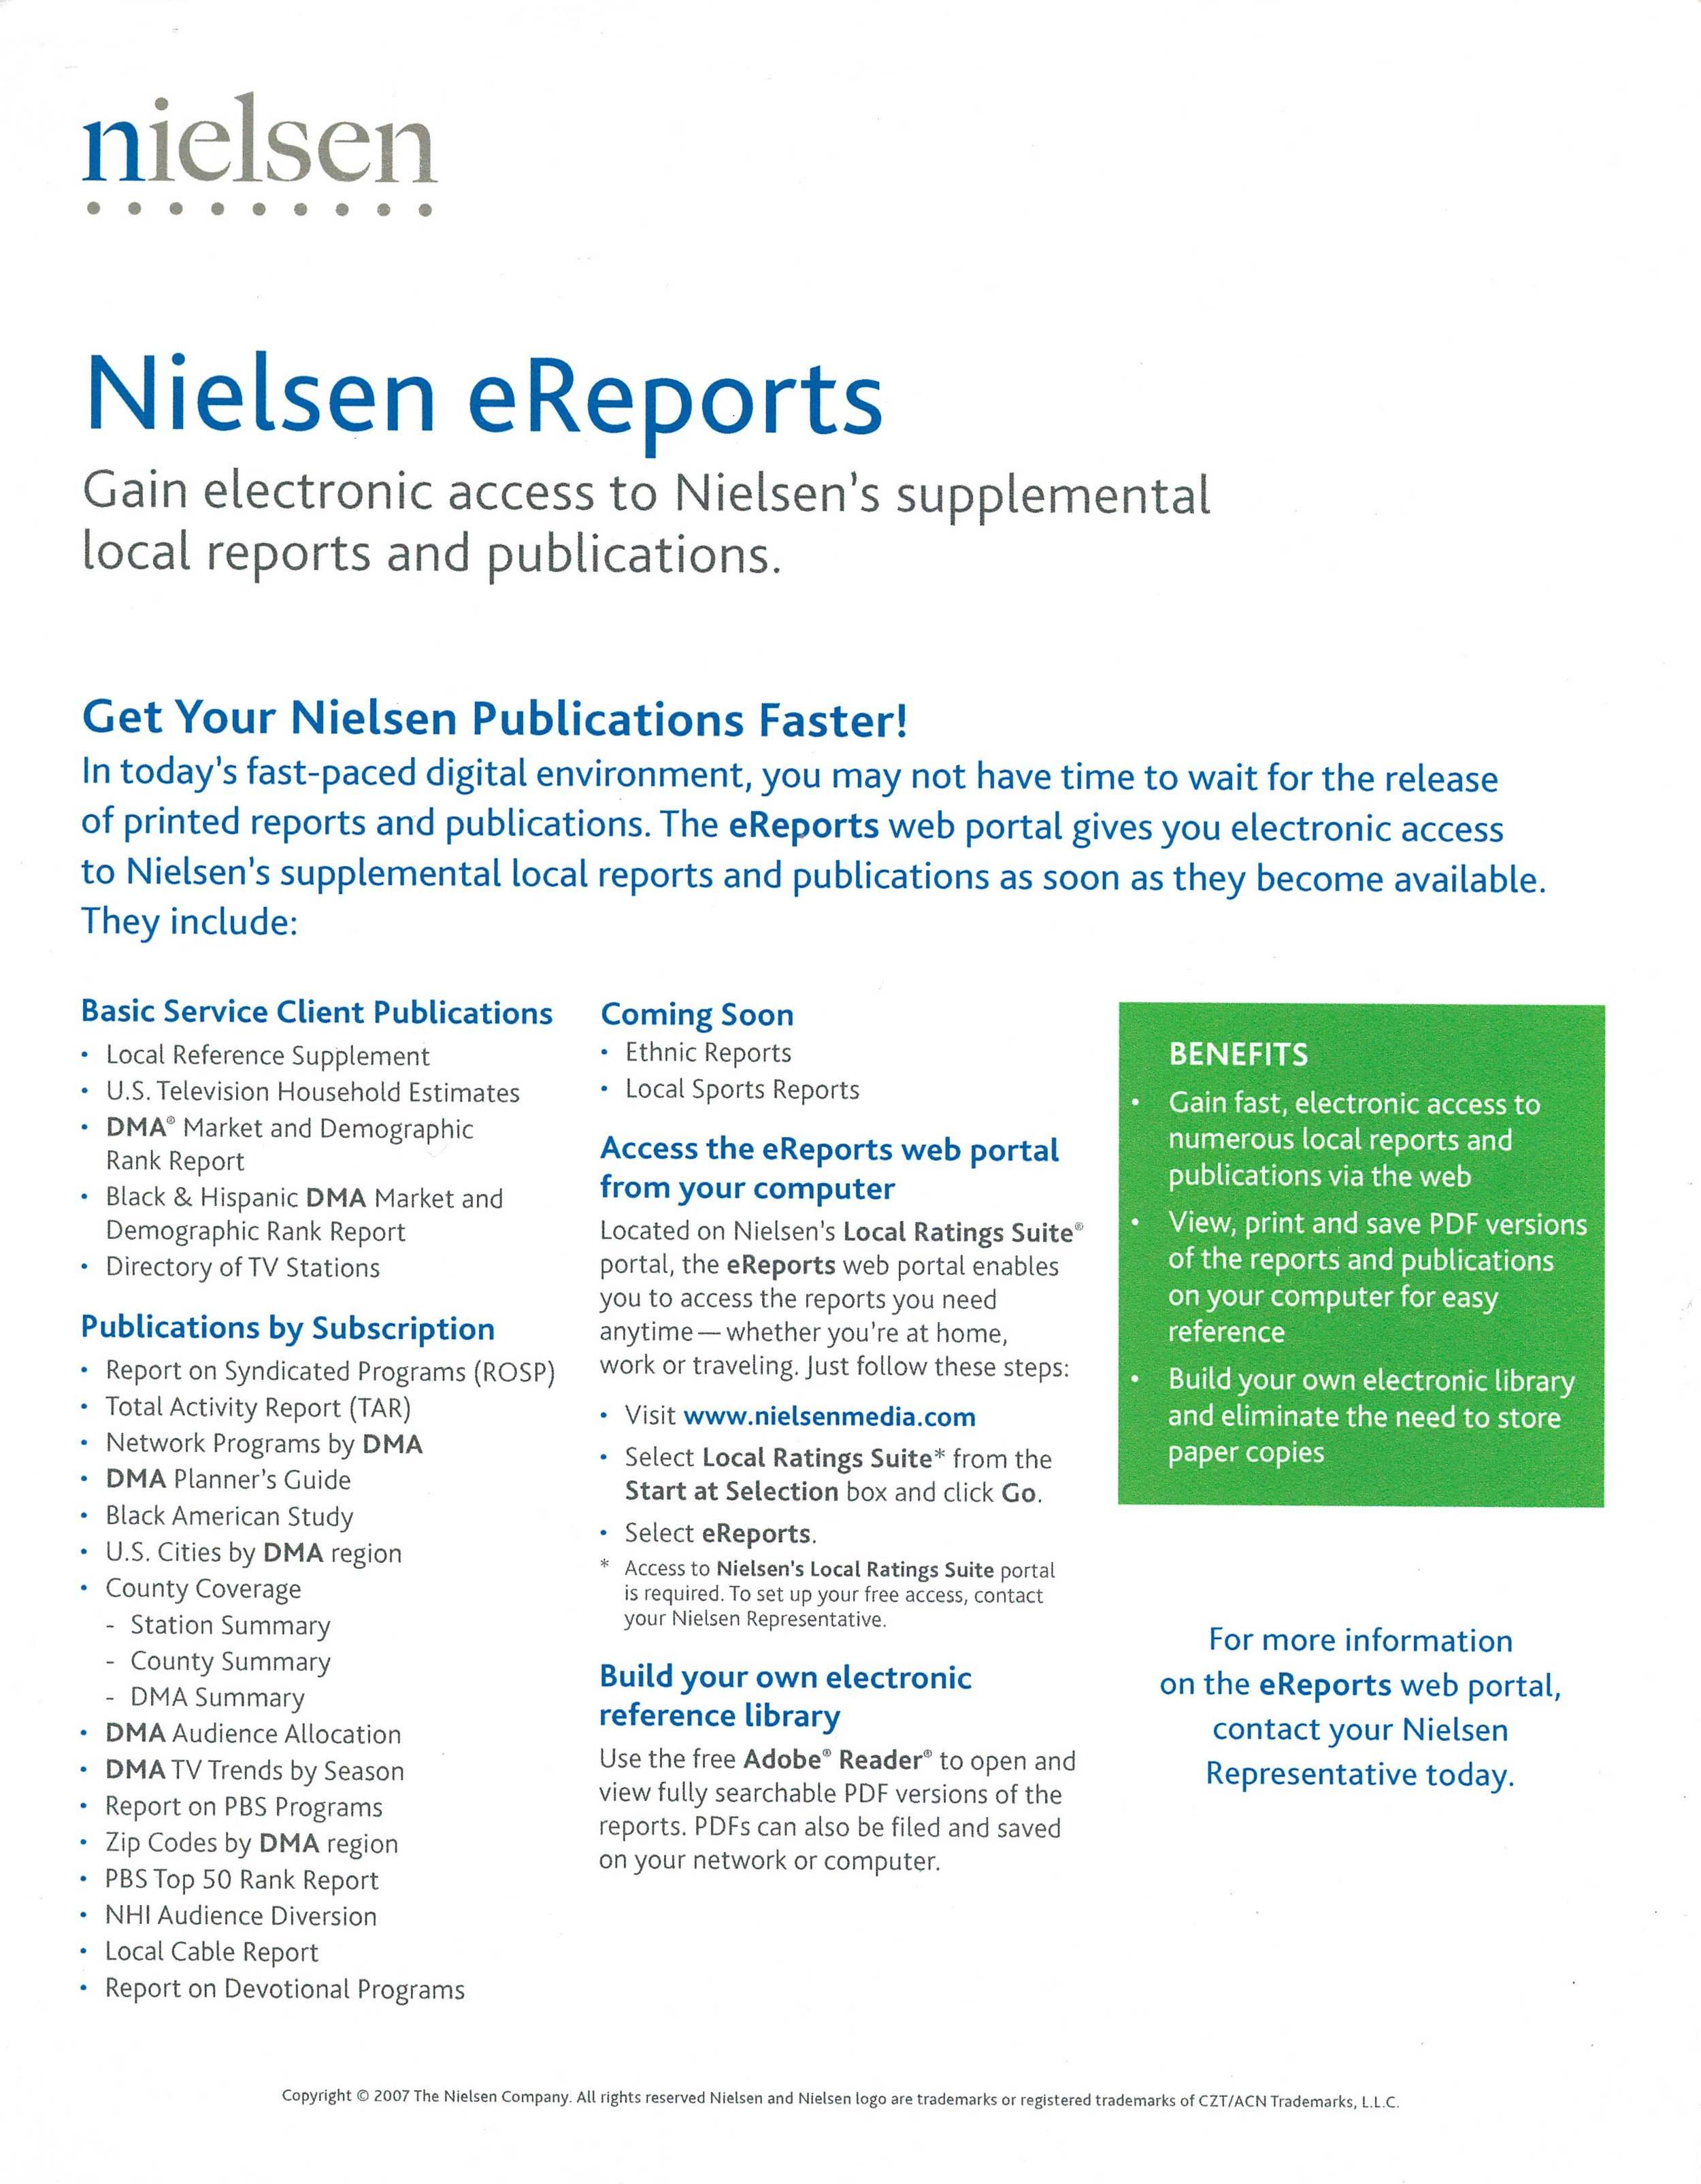 Nielsen_eReports_OneSheet.jpg